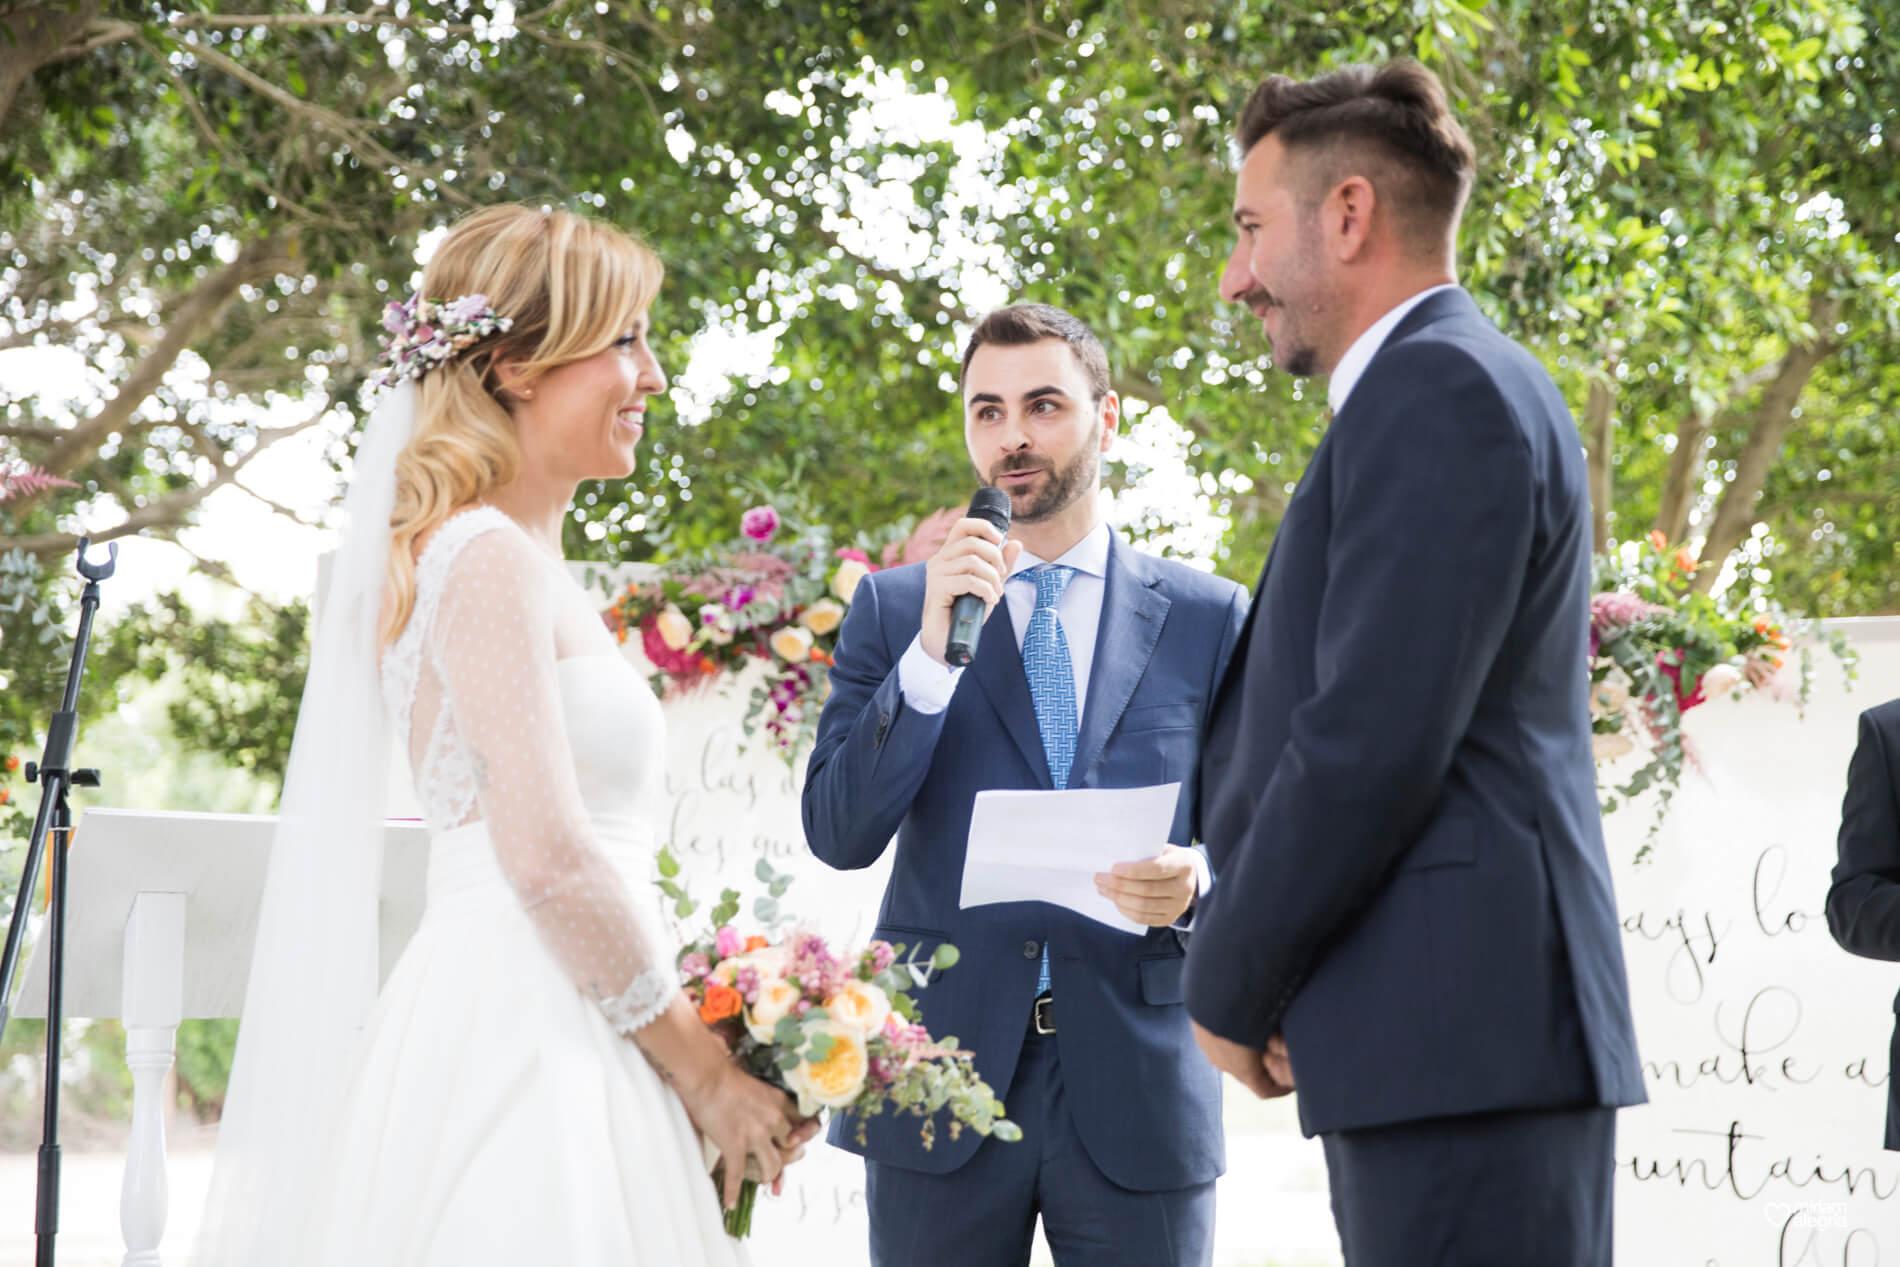 boda-en-finca-villa-vera-de-alemc7-miriam-alegria-fotografos-boda-murcia-59